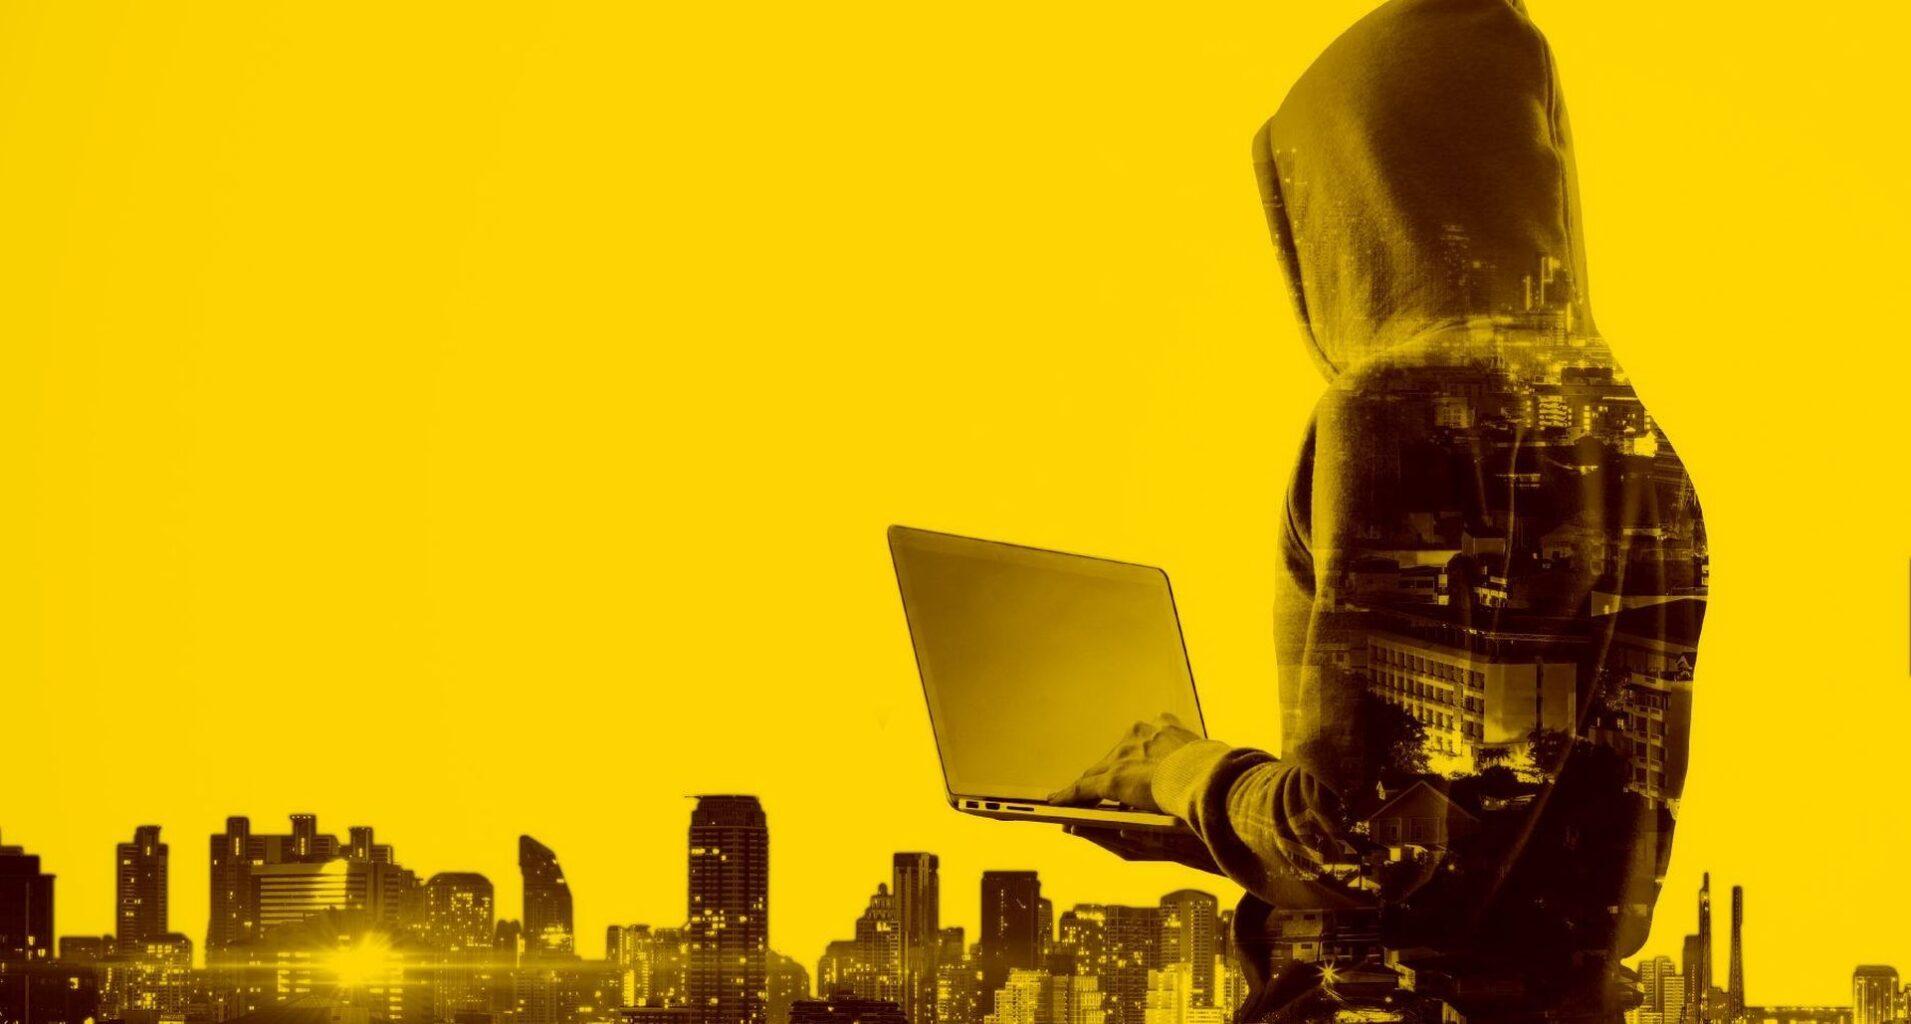 Verdeckter Hacker mit einem Laptop vor Gebäuden